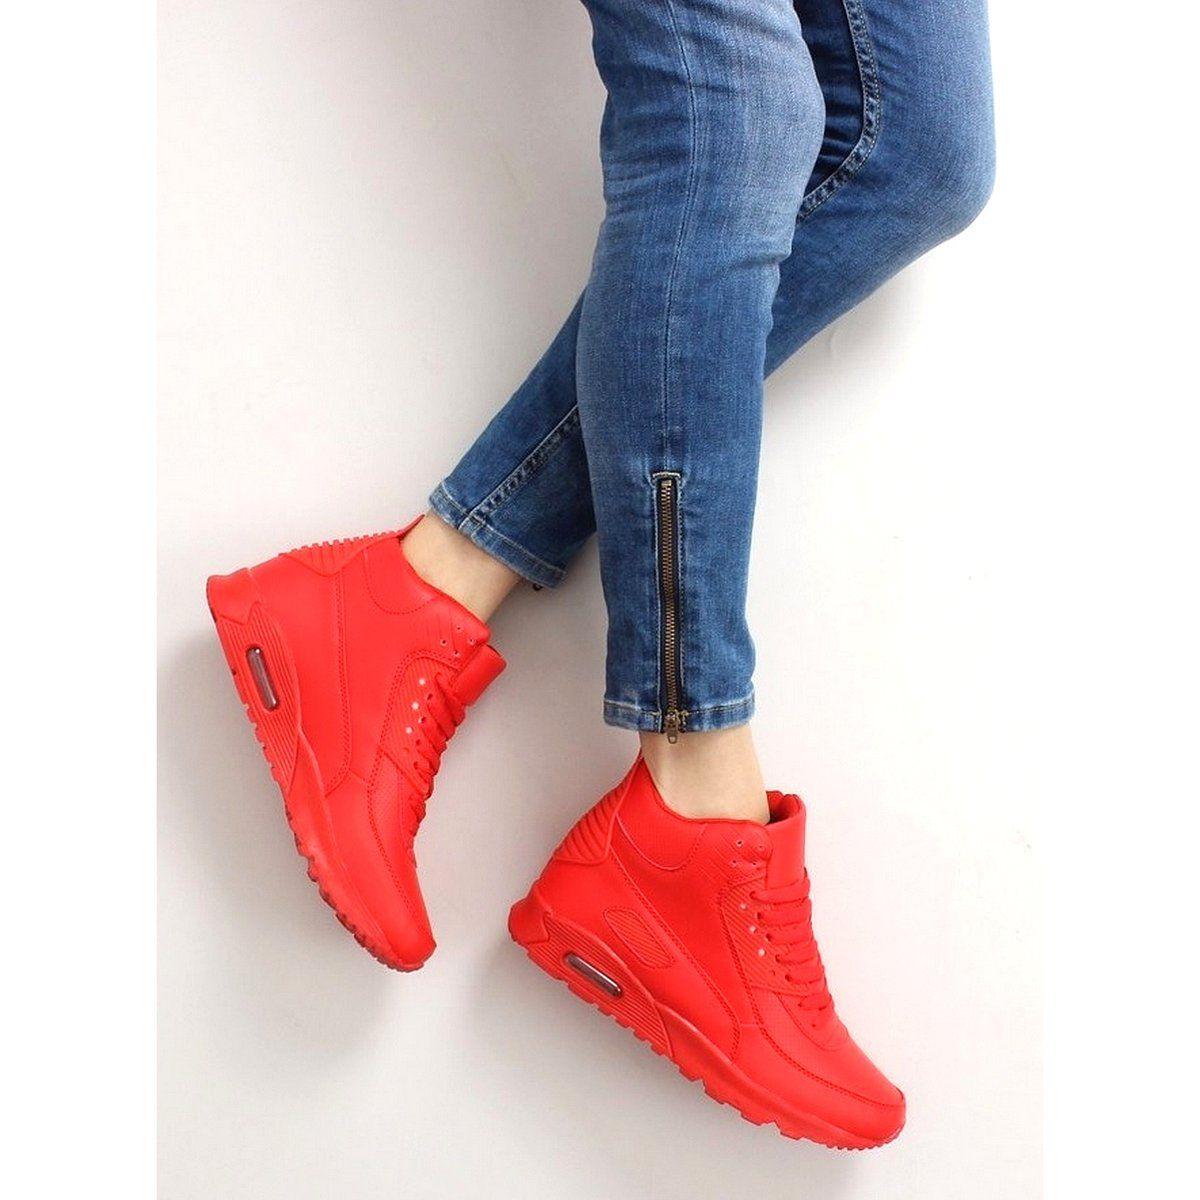 Sportowe Damskie Obuwiedamskie Czerwone Obuwie Sportowe Za Kostke B3701 Red Obuwie Damskie High Top Sneakers Shoes Top Sneakers